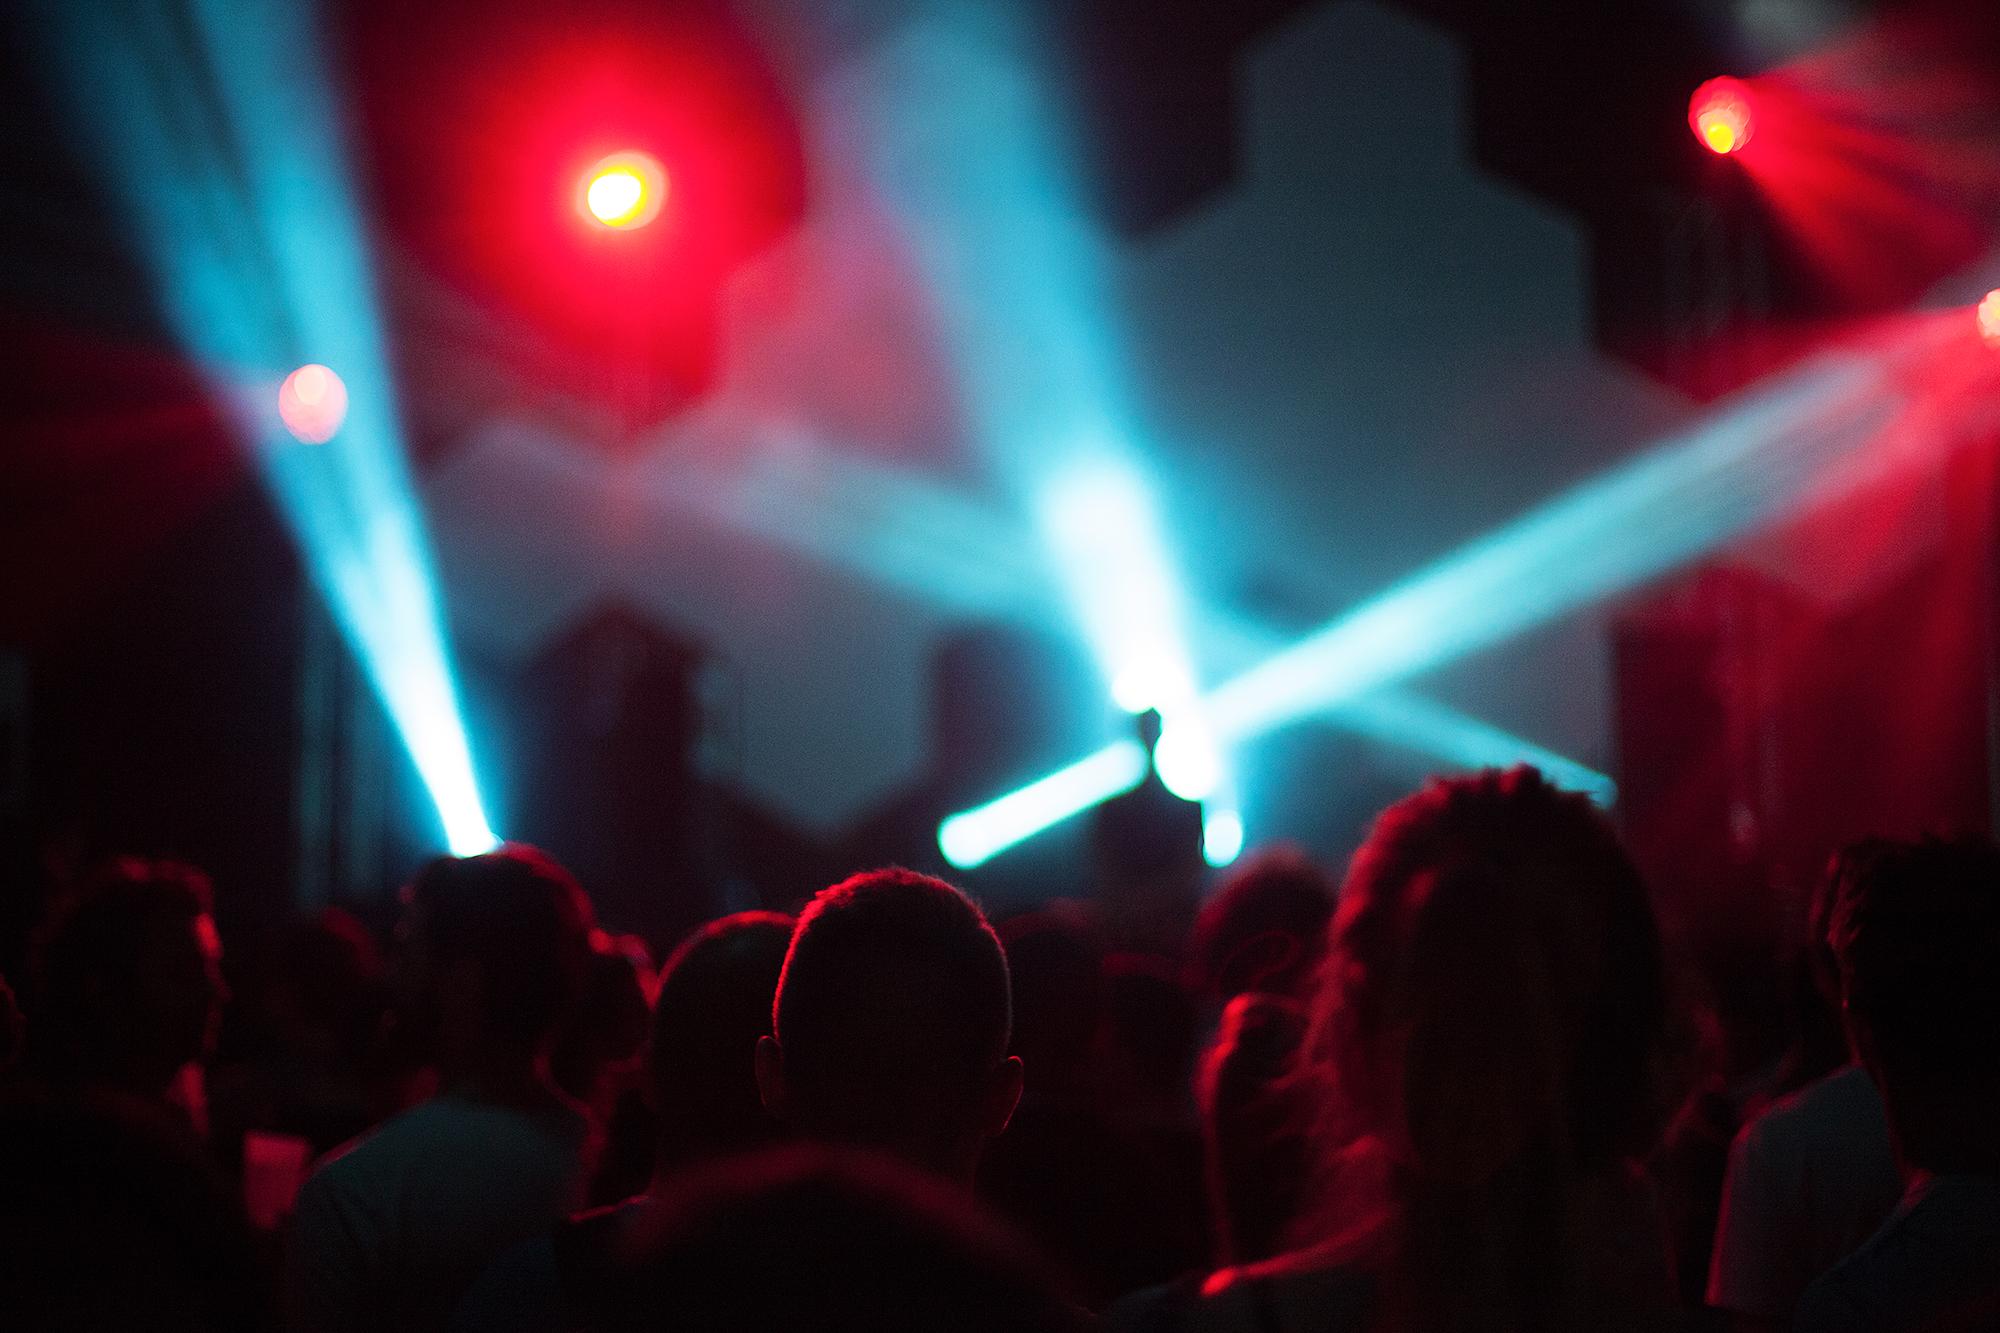 Vous l'attendez sûrement avec impatience ! Le Festival Contre-Temps revient du 6 au 23 juin pour une 16e édition qui s'annonce déjà pleine de promesses. Le festival réunira une fois de plus de nombreux artistes durant quasiment deux semaines ponctuées par divers événements.